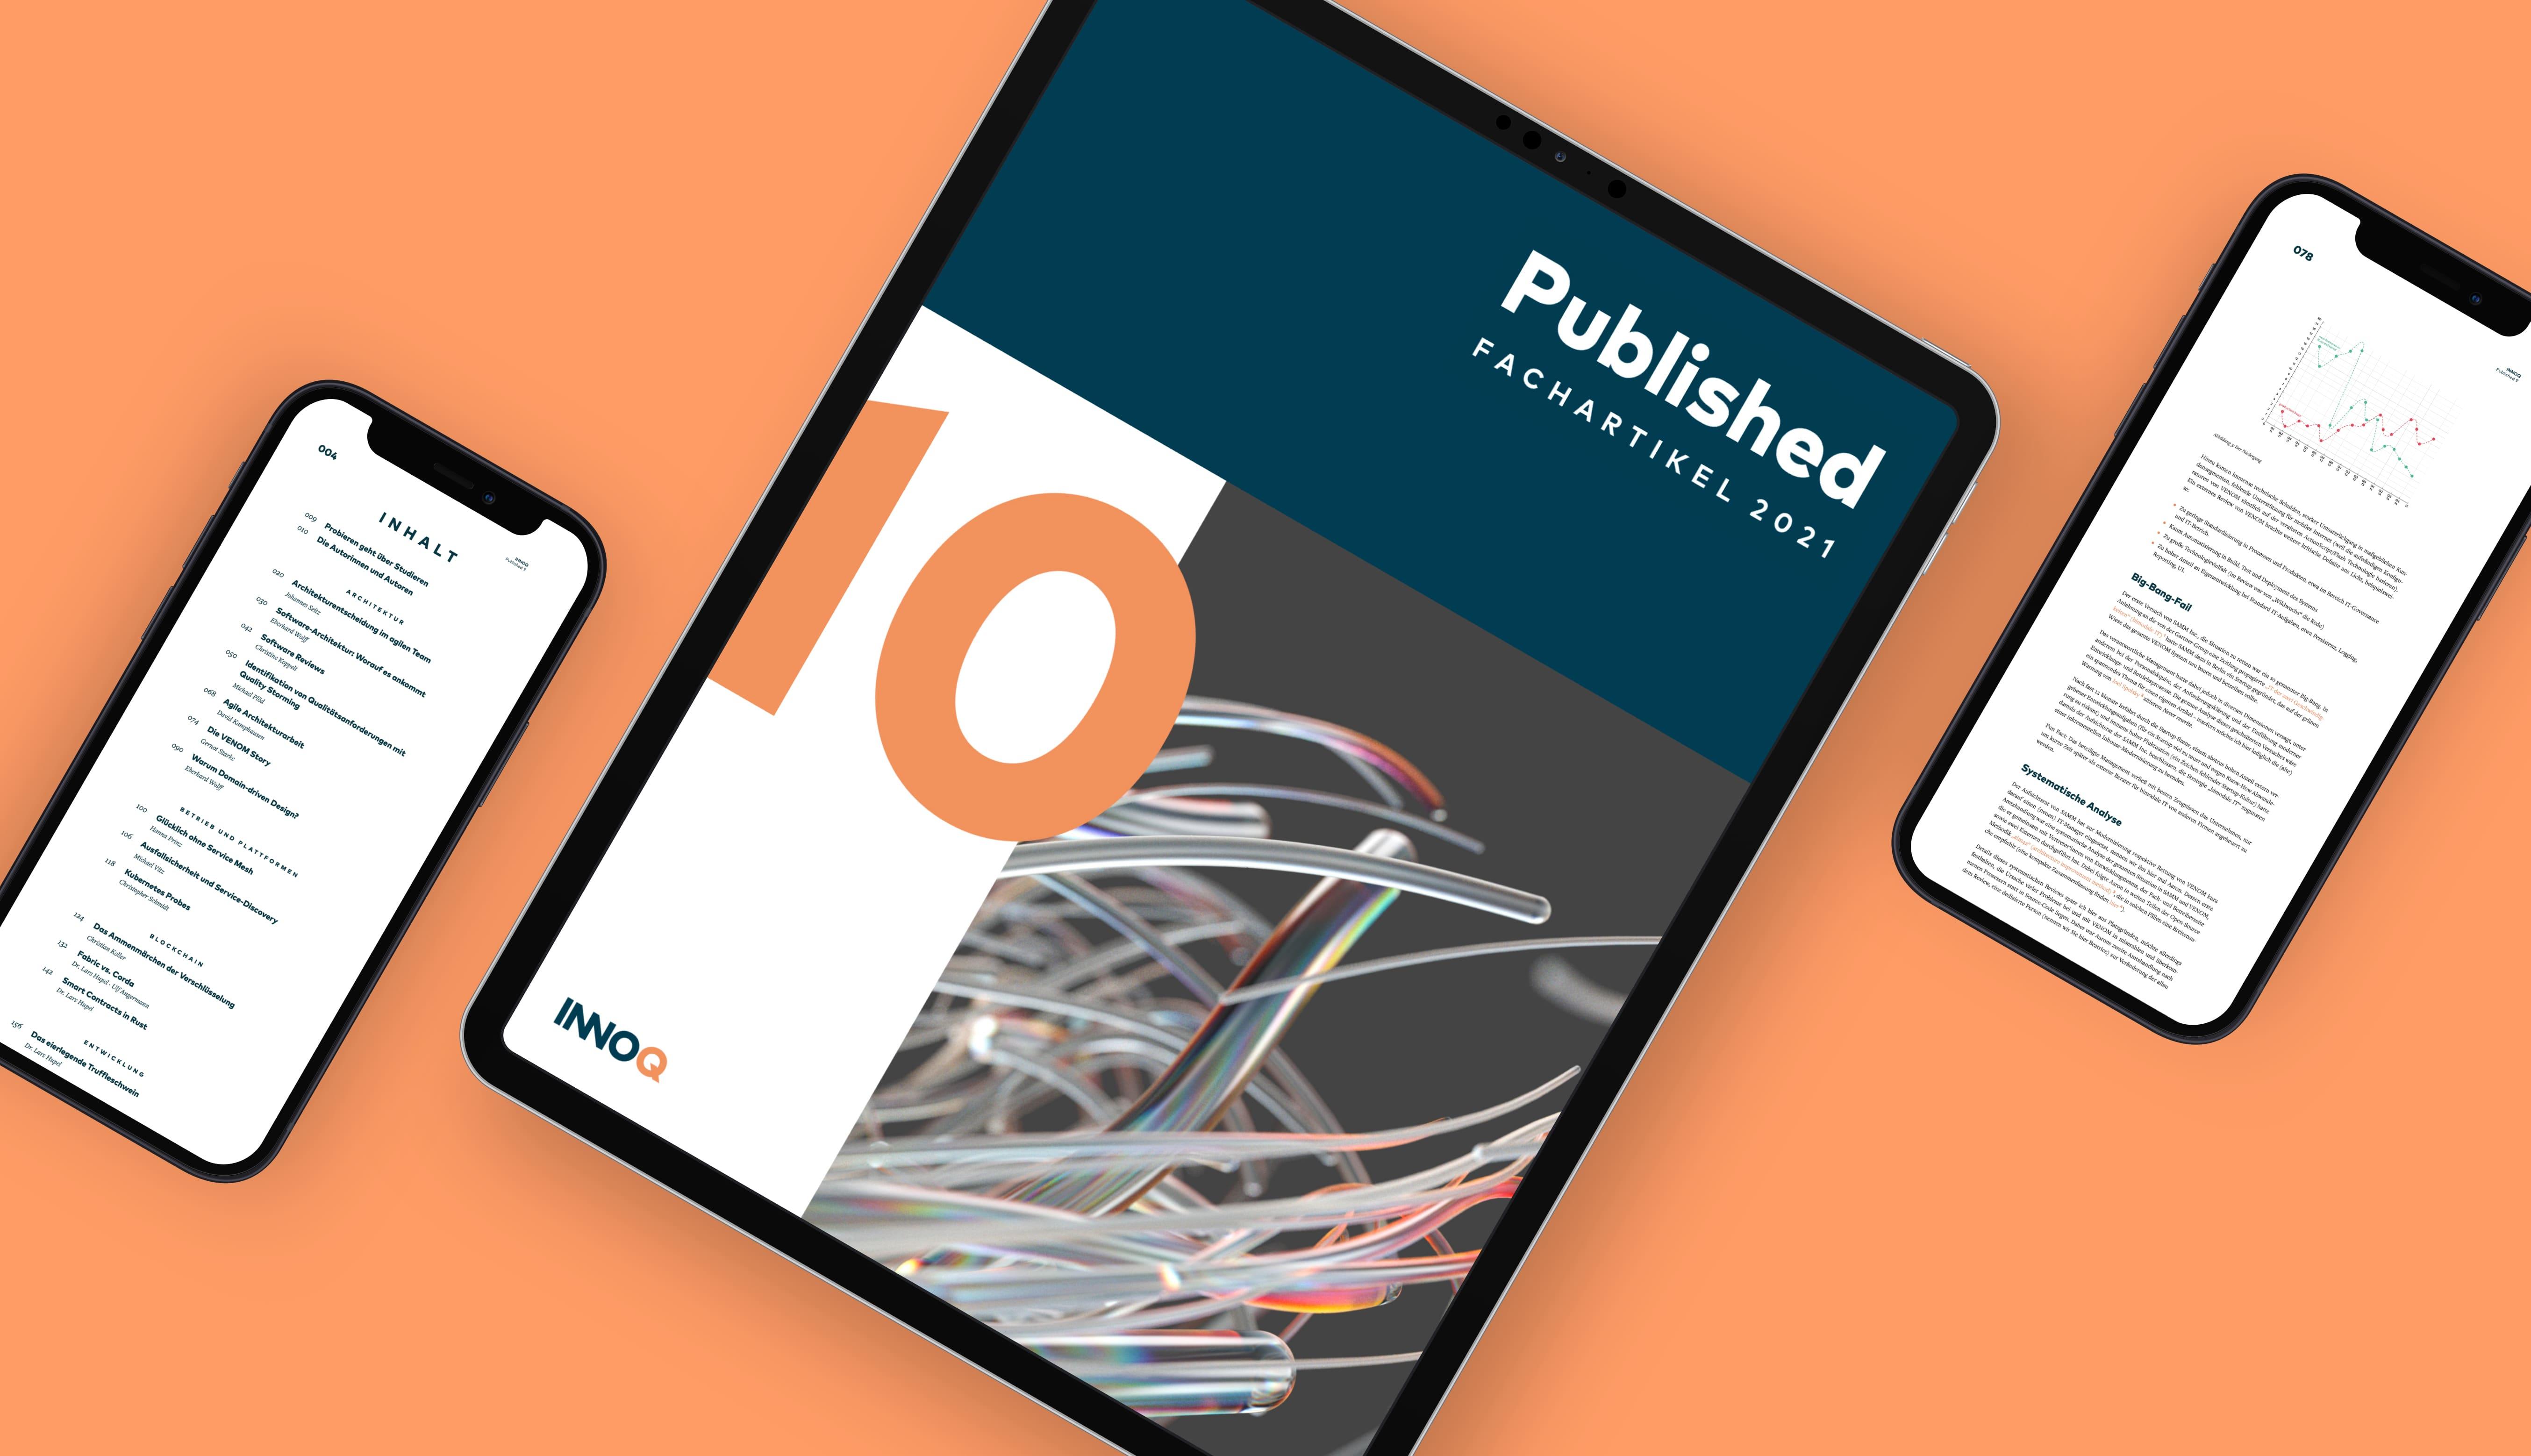 Auszüge aus Published auf iPhones und einem iPad.